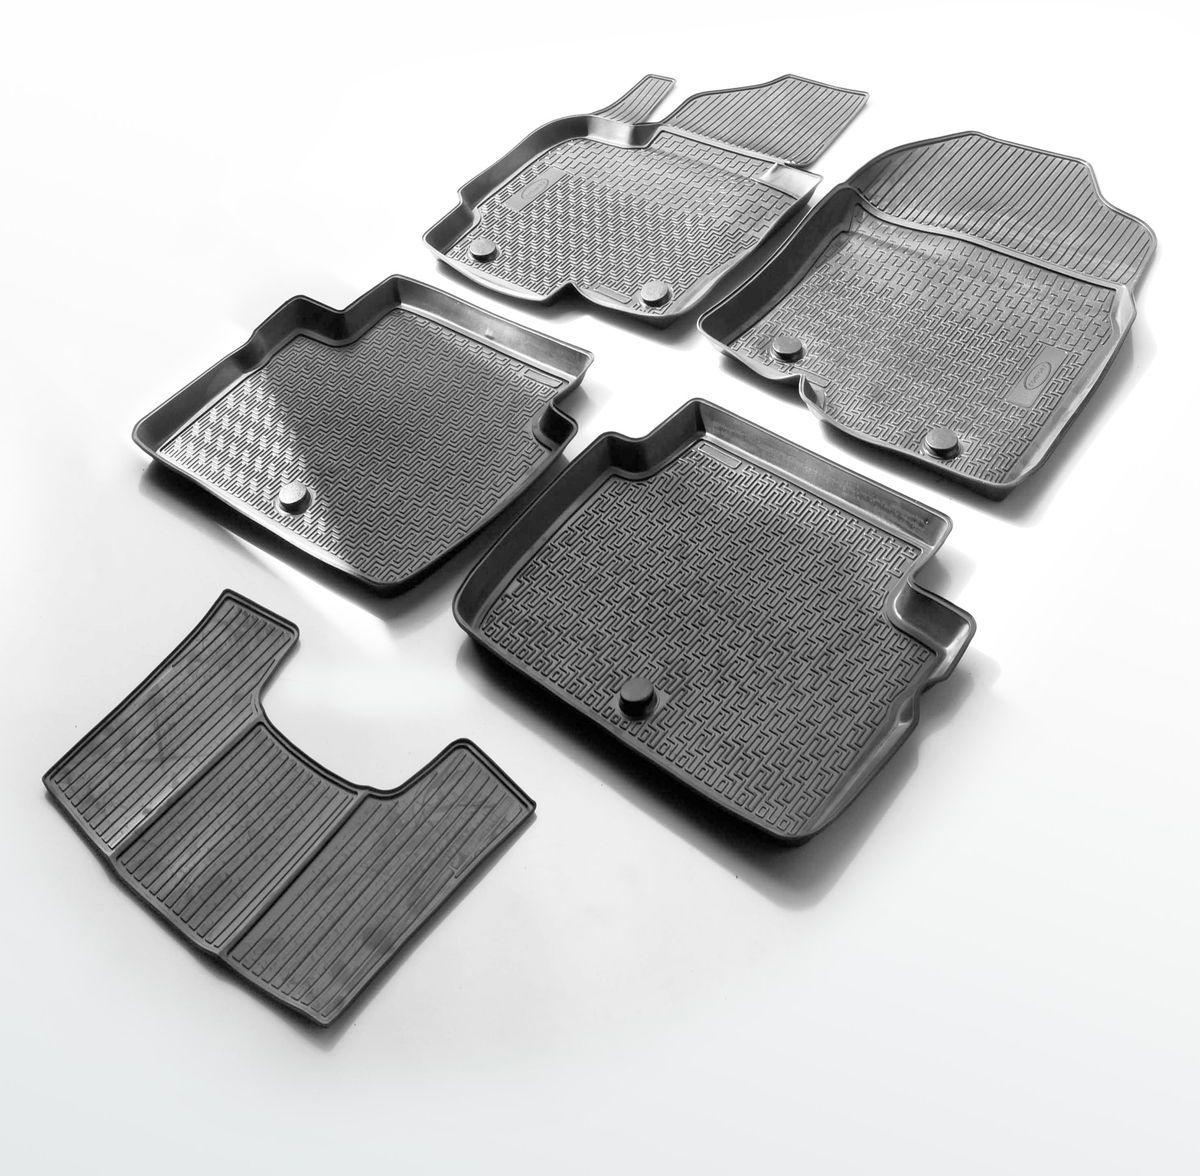 Коврики салона Rival для Kia Optima 2016-, c перемычкой, полиуретан12807001Прочные и долговечные коврики Rival в салон автомобиля, изготовлены из высококачественного и экологичного сырья. Коврики полностью повторяют геометрию салона вашего автомобиля.- Надежная система крепления, позволяющая закрепить коврик на штатные элементы фиксации, в результате чего отсутствует эффект скольжения по салону автомобиля.- Высокая стойкость поверхности к стиранию.- Специализированный рисунок и высокий борт, препятствующие распространению грязи и жидкости по поверхности коврика.- Перемычка задних ковриков в комплекте предотвращает загрязнение тоннеля карданного вала.- Коврики произведены из первичных материалов, в результате чего отсутствует неприятный запах в салоне автомобиля.- Высокая эластичность, можно беспрепятственно эксплуатировать при температуре от -45°C до +45°C. Уважаемые клиенты! Обращаем ваше внимание, что коврики имеют форму, соответствующую модели данного автомобиля. Фото служит для визуального восприятия товара.